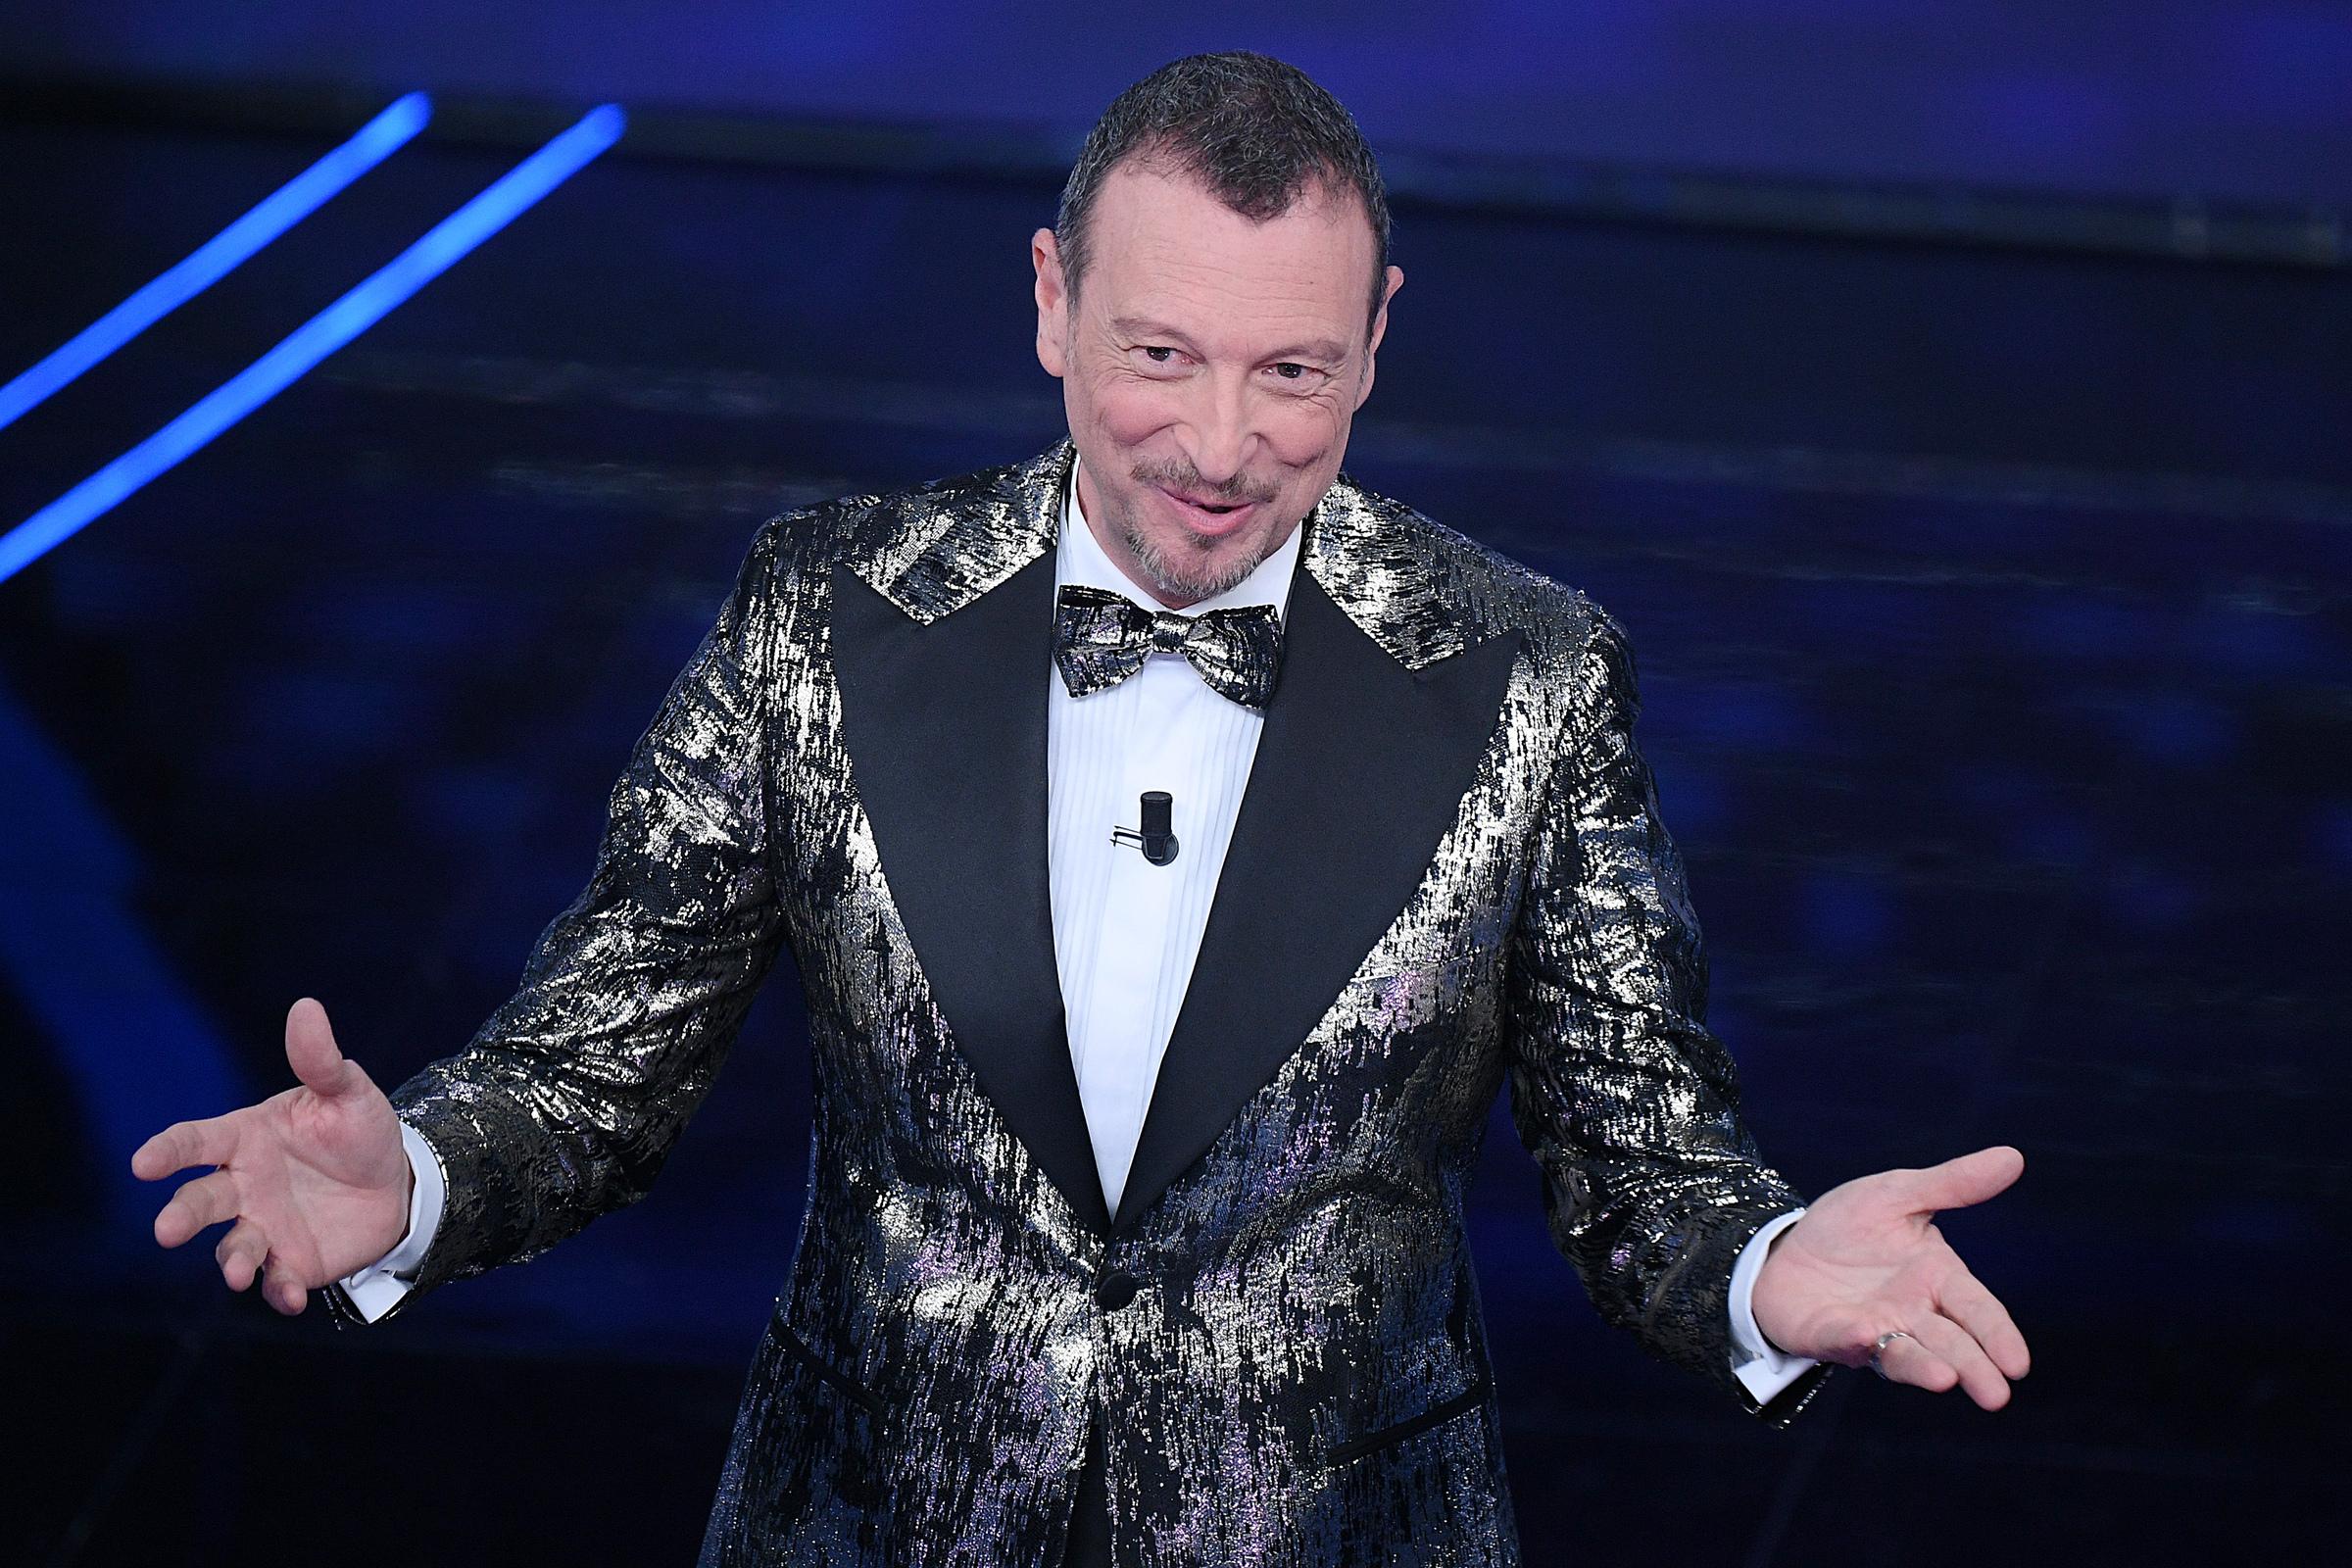 Mei, Rubrica. FRAMMENTI DI UN DISCORSO MUSICALE. Indies lancia un appello alla Rai e al Festival di Sanremo per il rilancio del settore musica